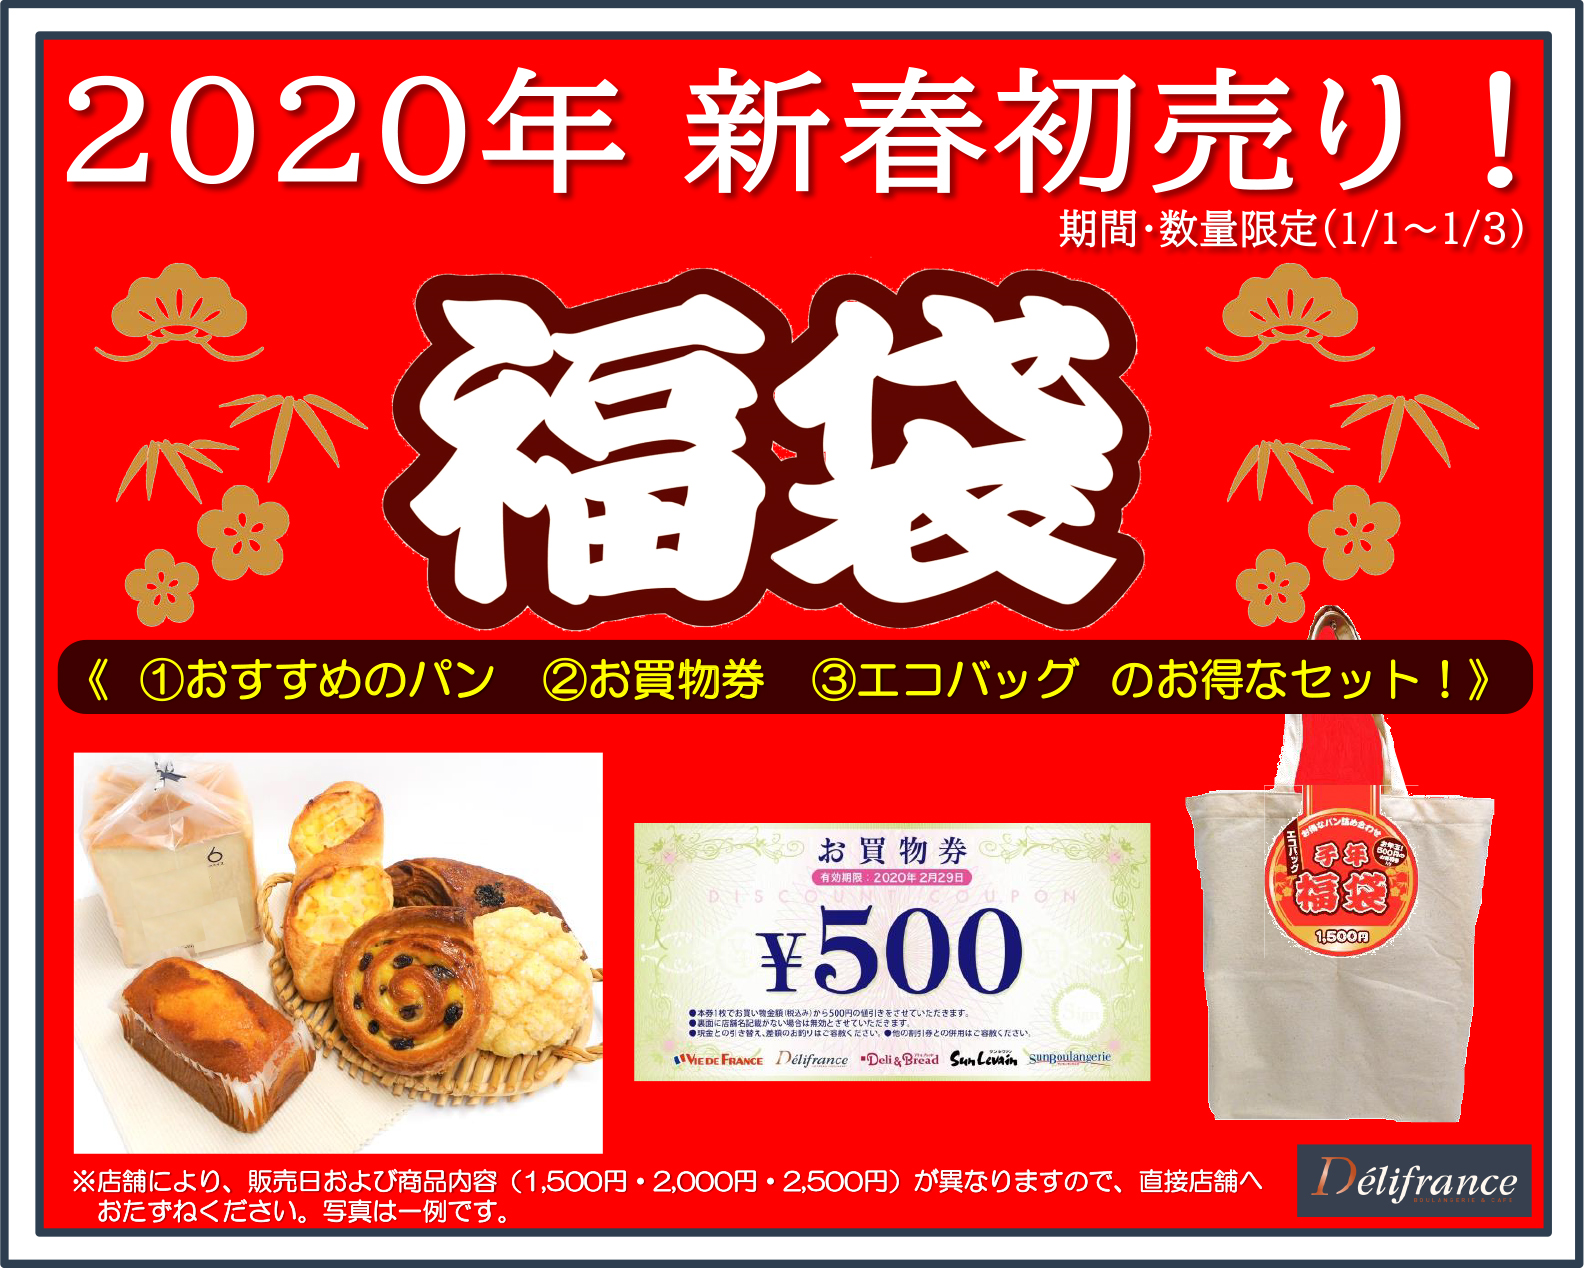 《2020年新春初売り!福袋》のお知らせ(1/1~1/3)